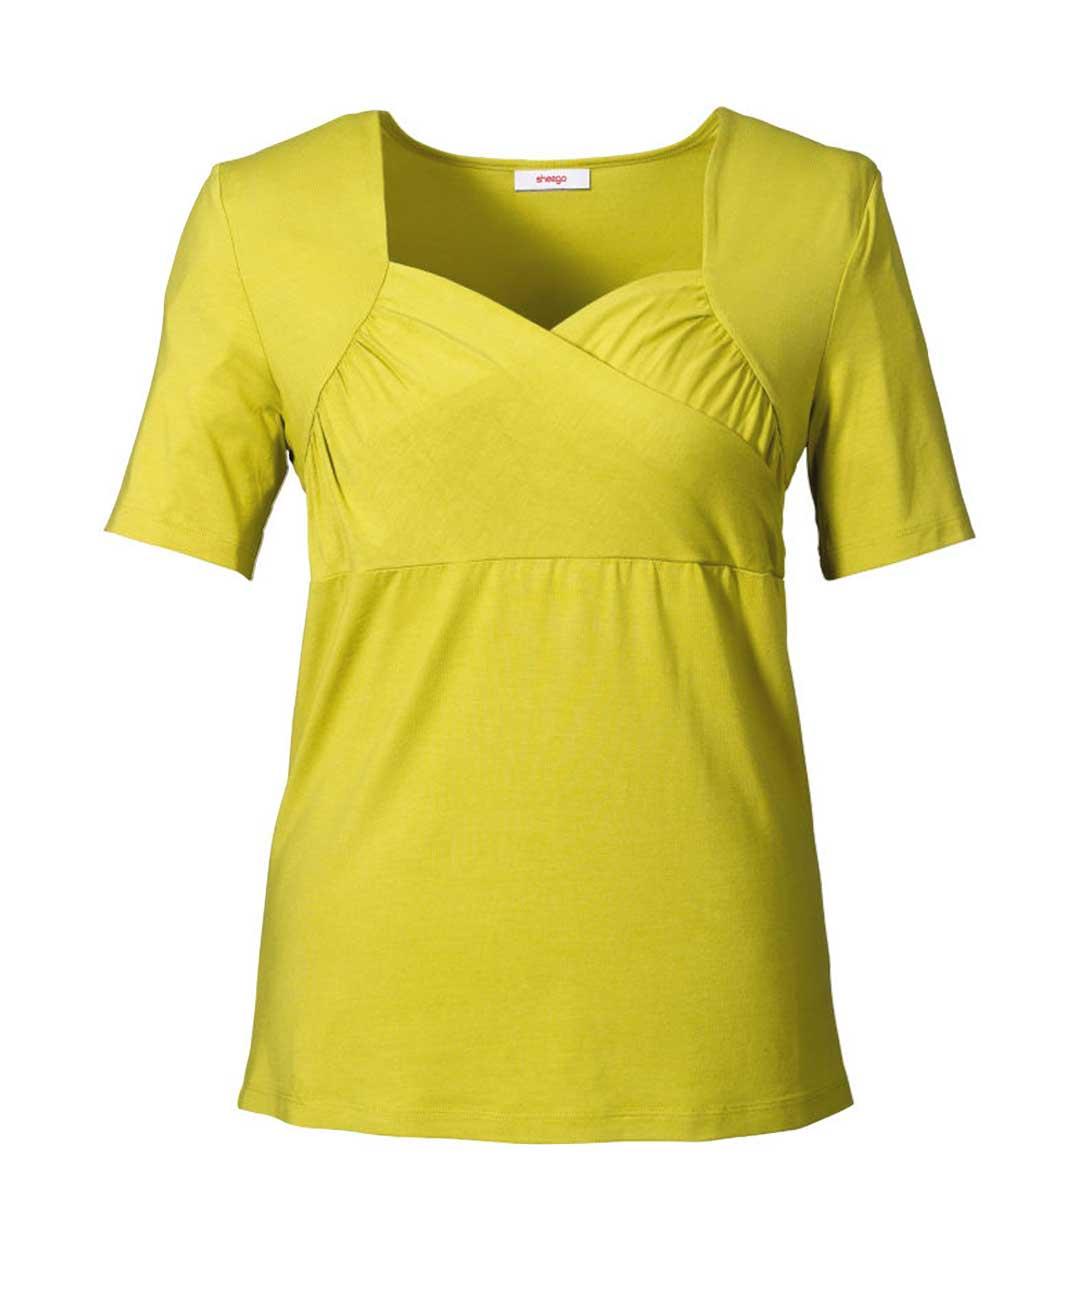 524.808 SHEEGO Damen-Shirt Kiwi